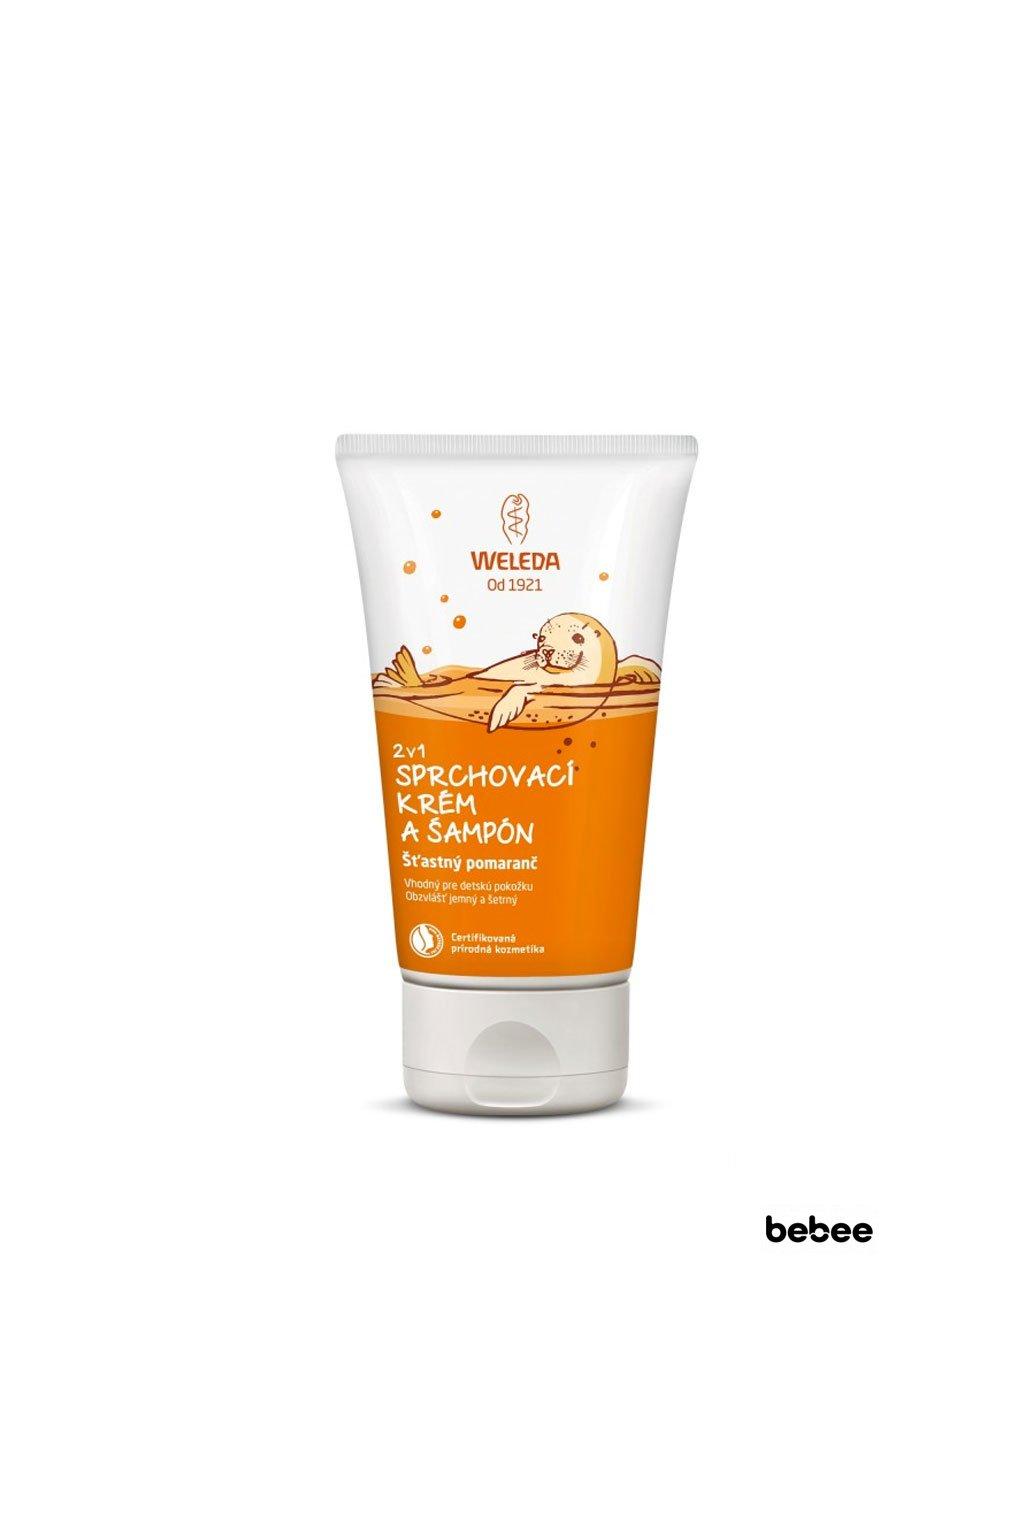 WELEDA 2v1 sprchovaci krem sampon stastny pomaranc 150ml